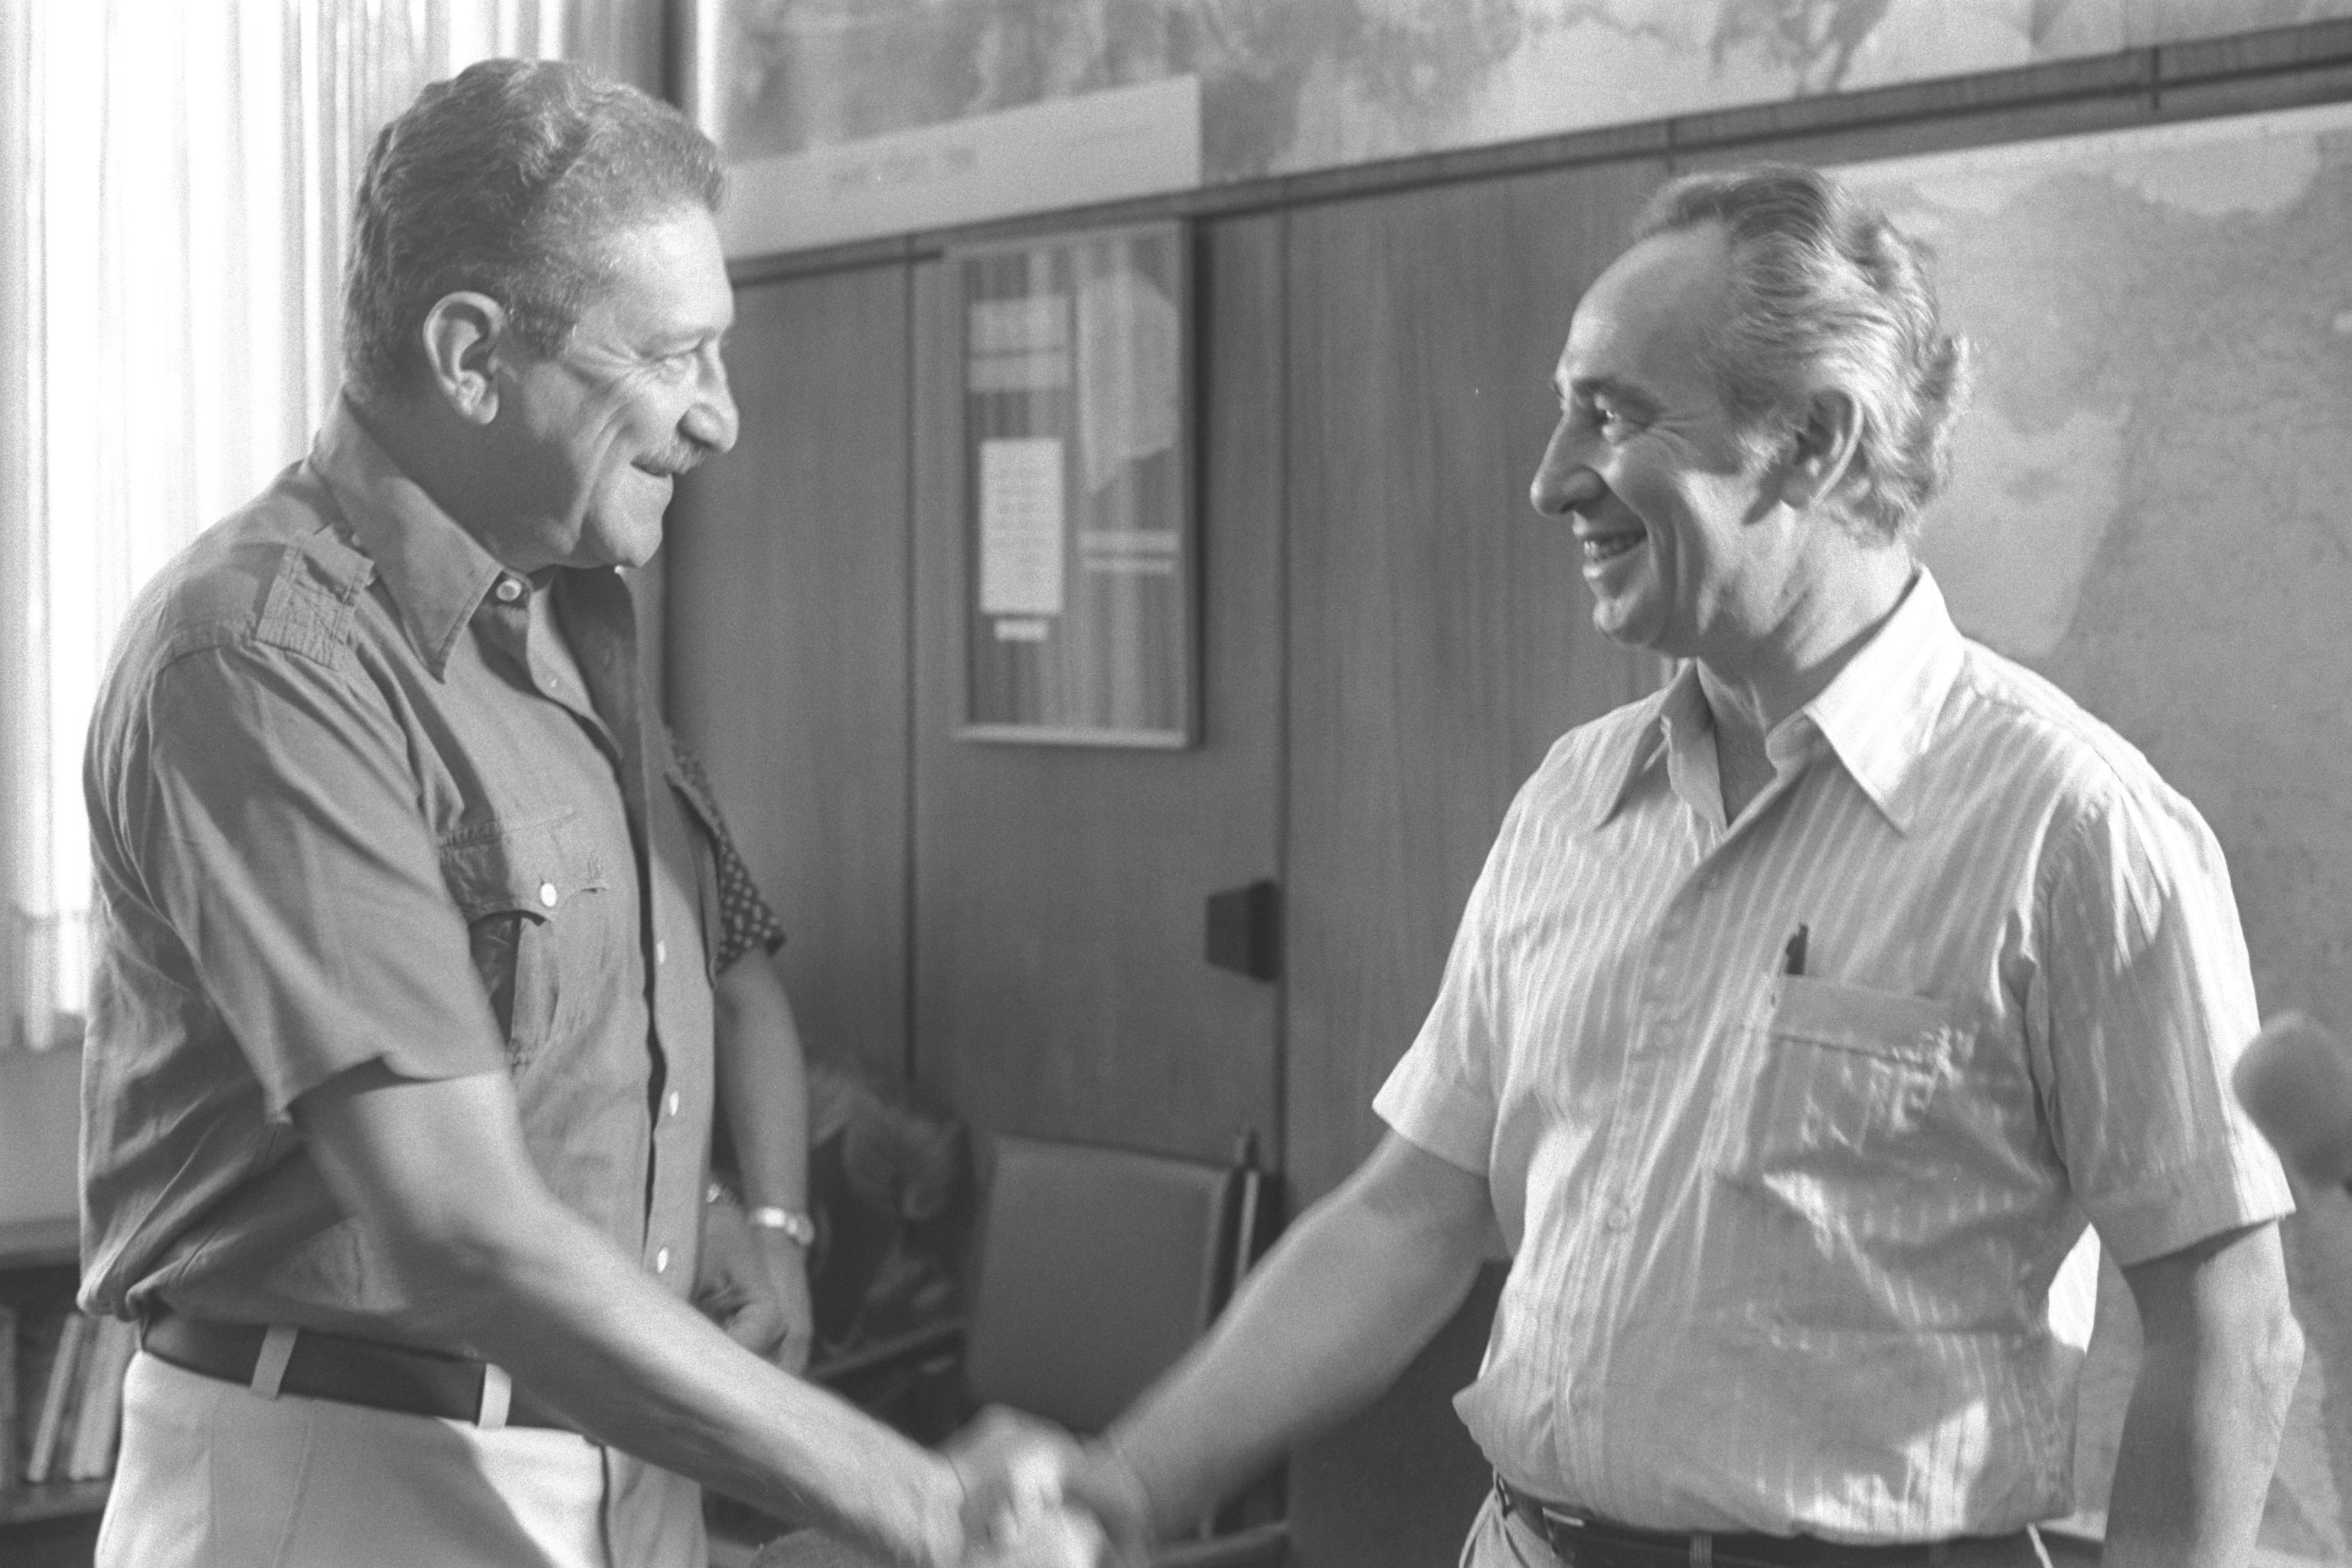 שמעון פרס ועזר וייצמן בחילוף תפקידים